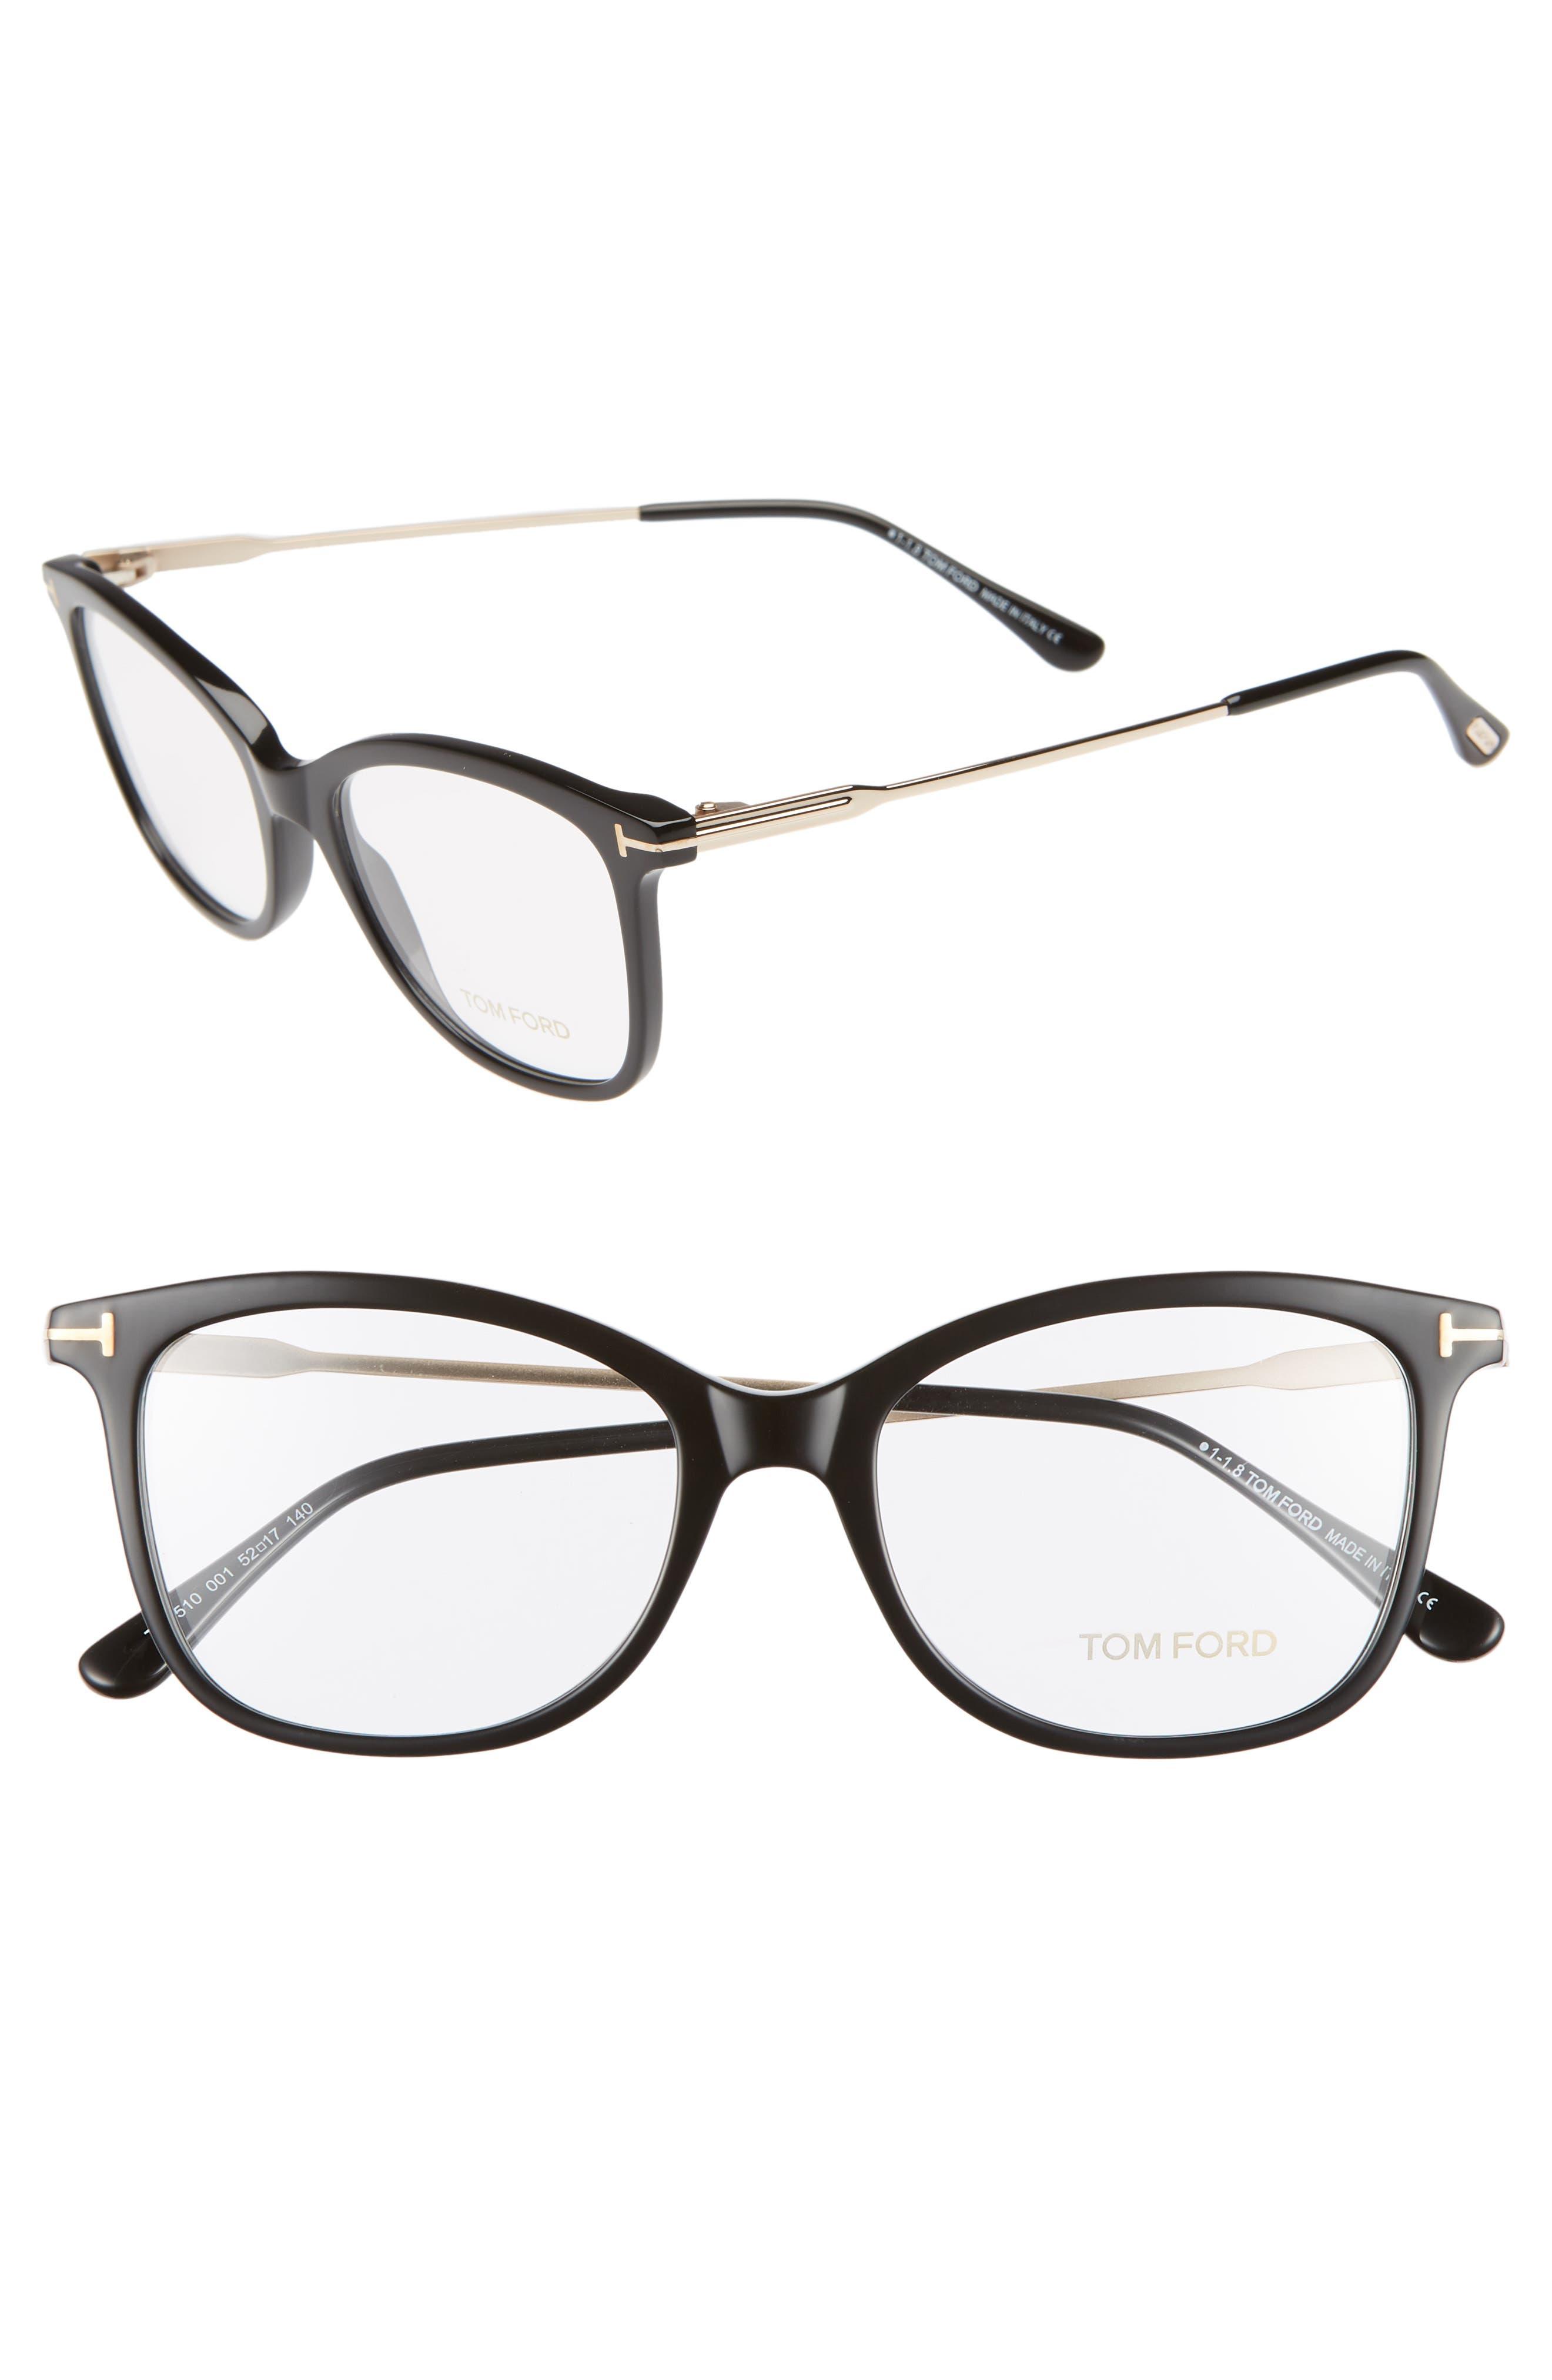 7be519562d2 Tom Ford Optical Frames   Reading Glasses